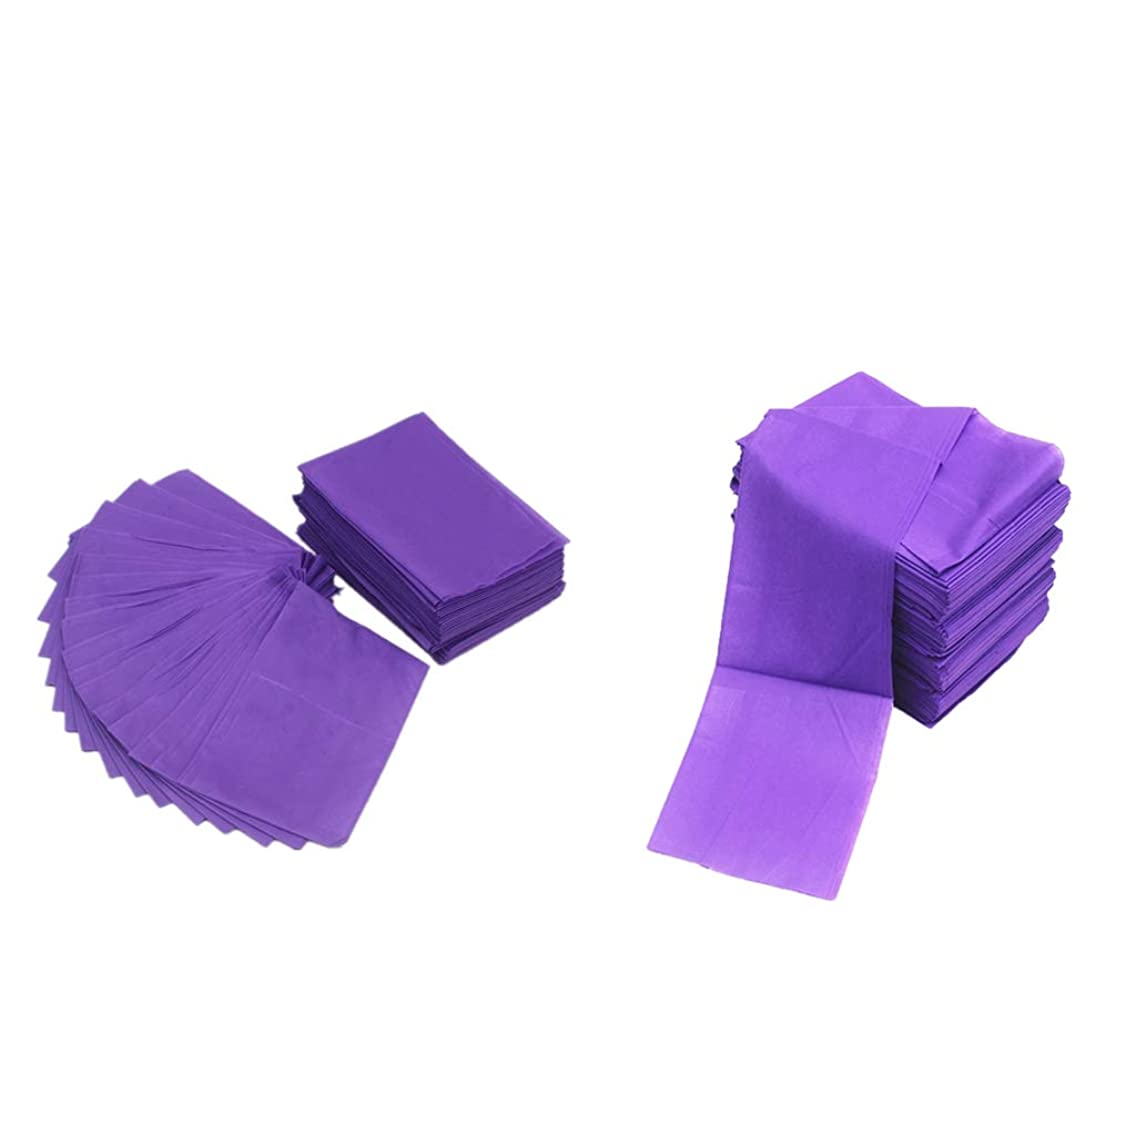 あらゆる種類のリブジェットchiwanji 20ピースセット ベッドシーツ 使い捨て ベットシート 厚さ ビューティーサロン マッサージサロン